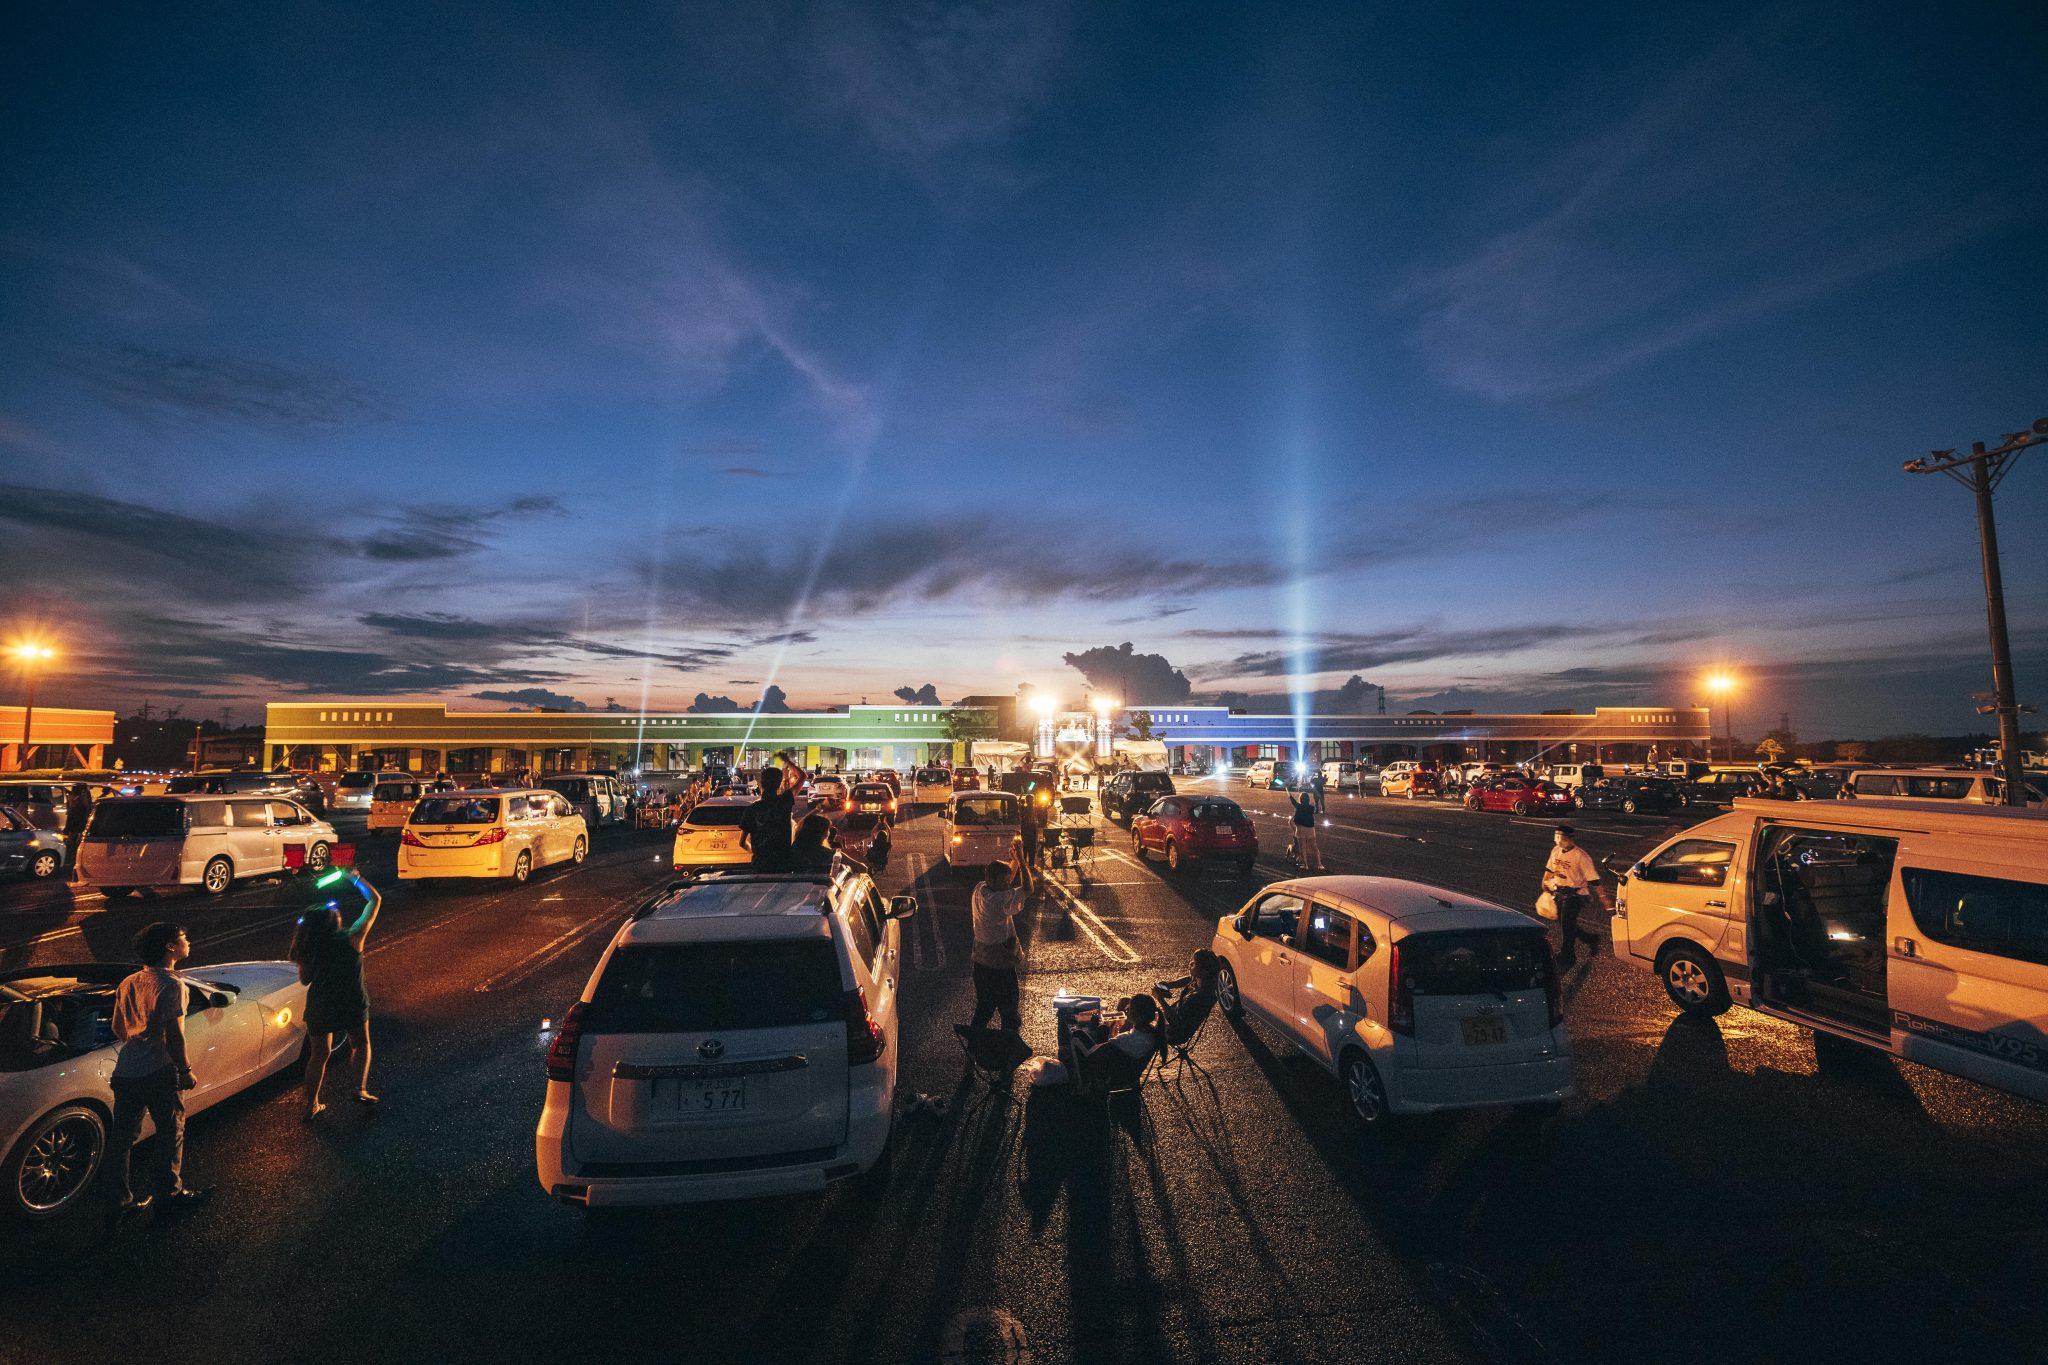 2020年8月22(土)、23日(日)に開催された「ドライブインフェス」の様子③